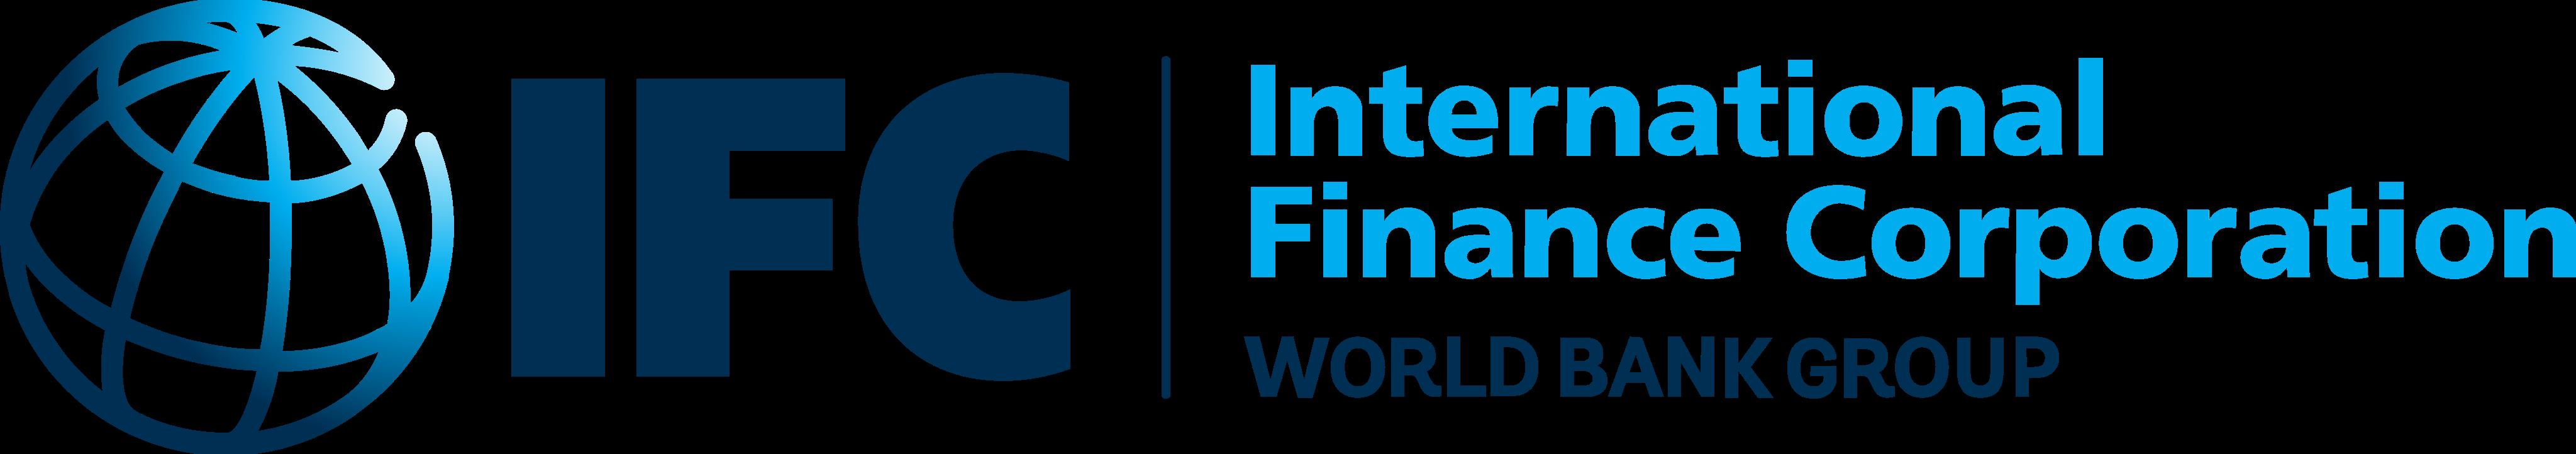 ifc logo - IFC Logo